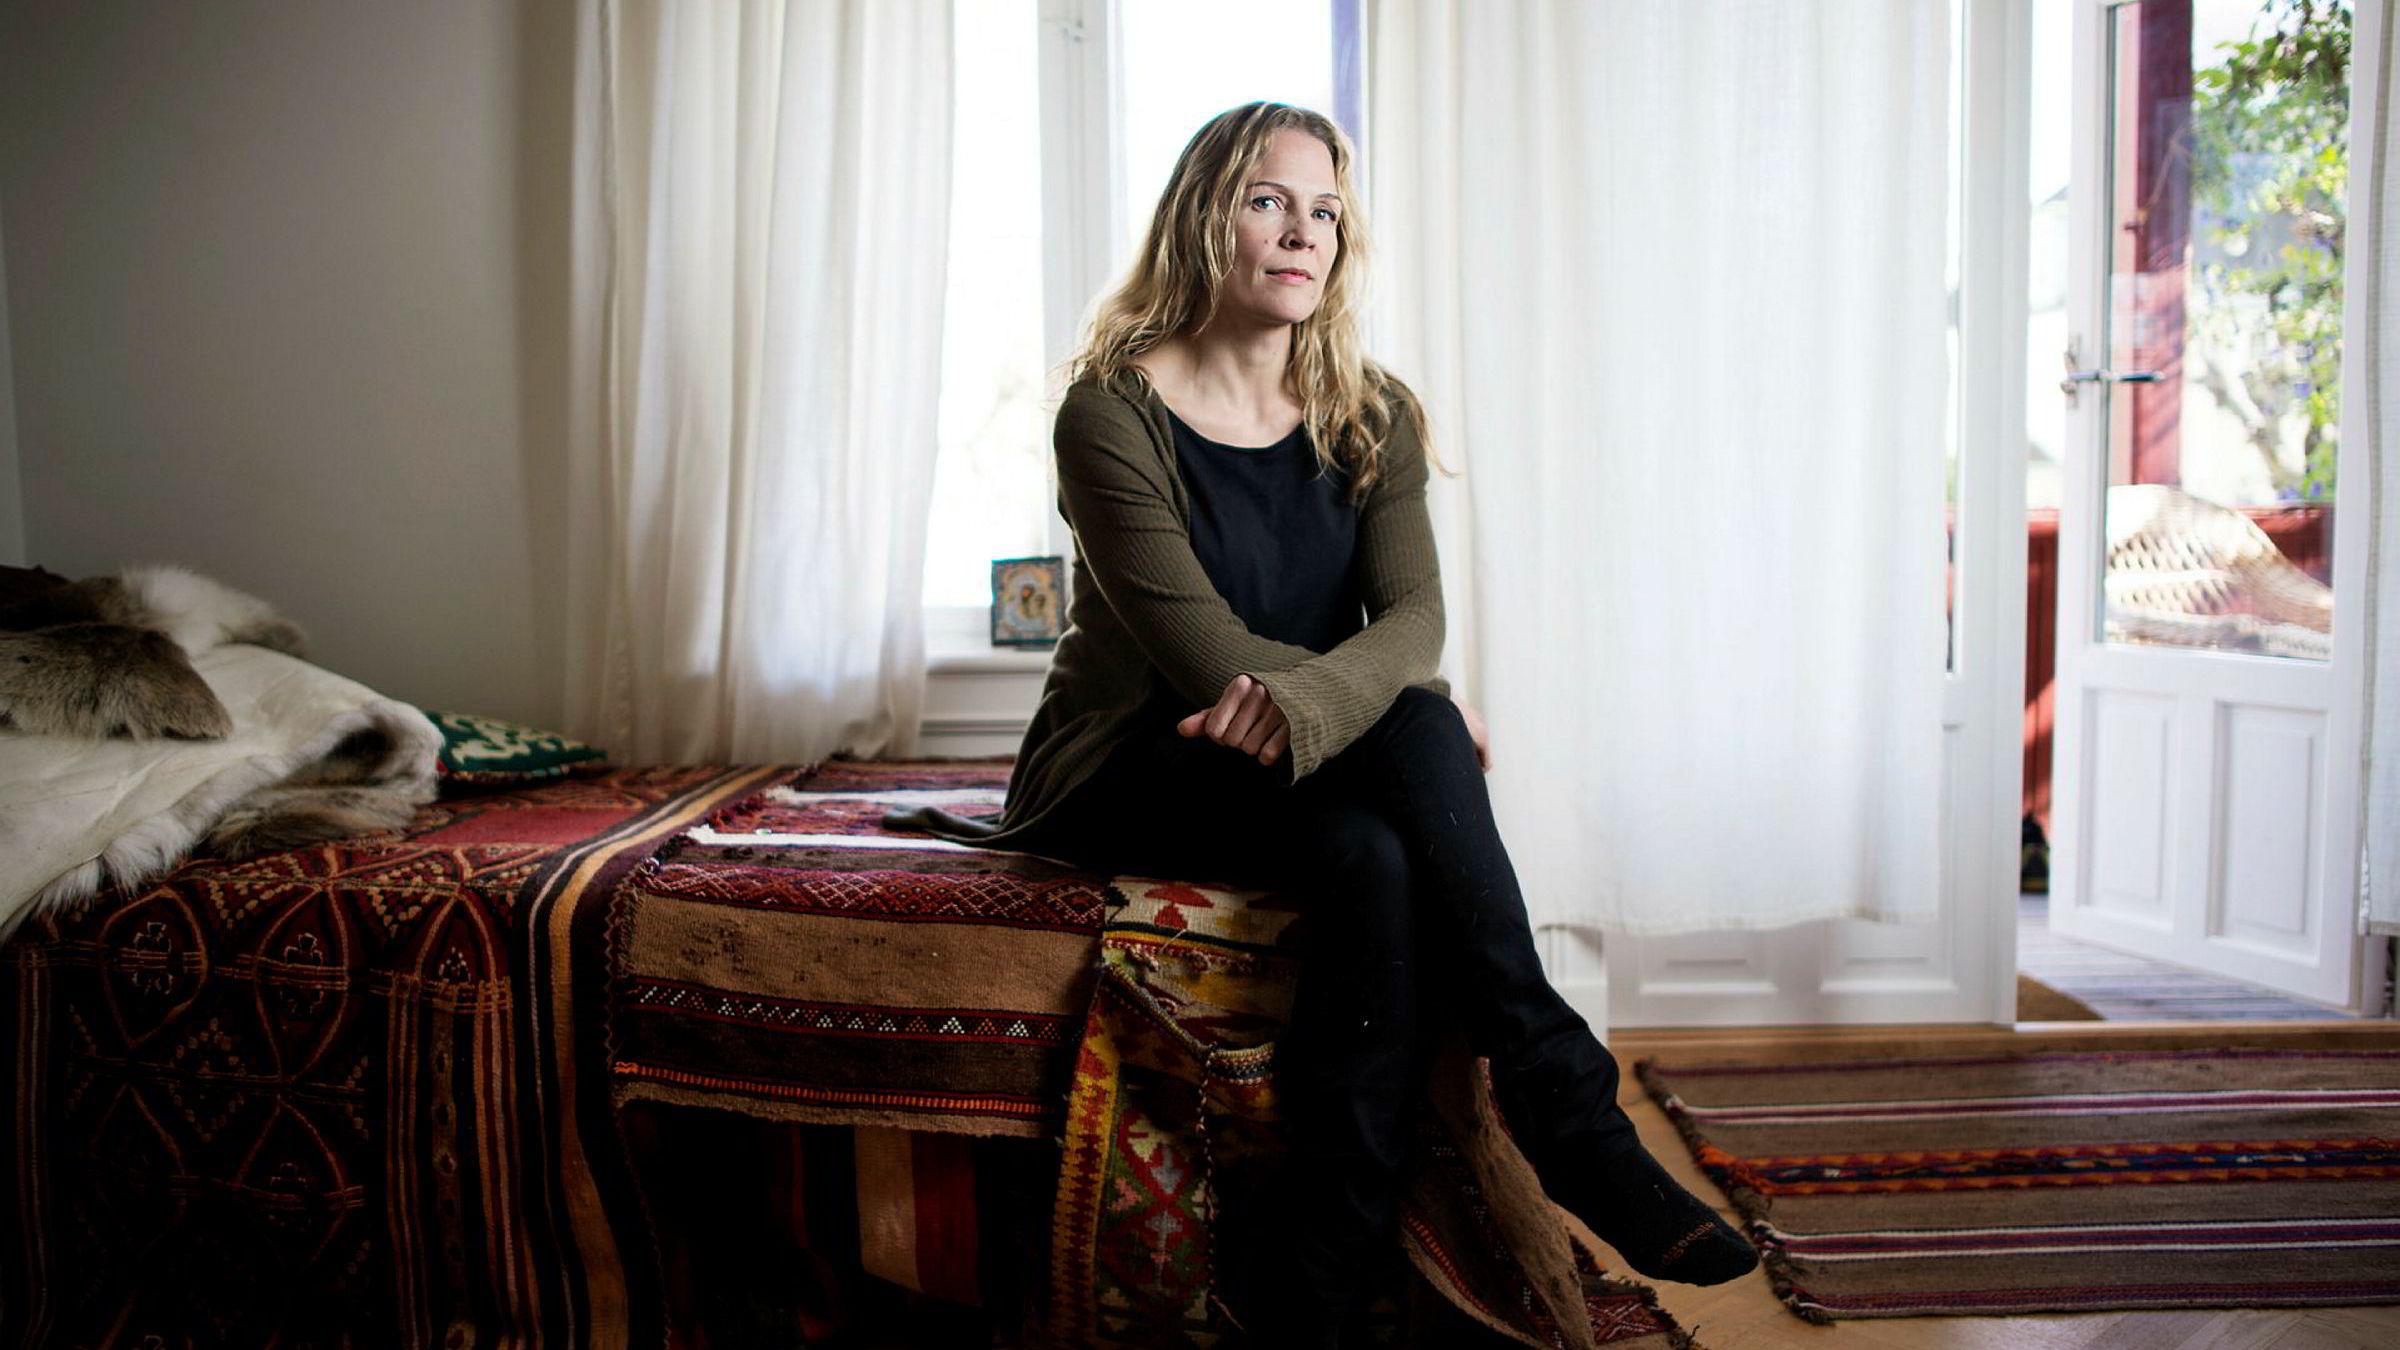 Forfatter og journalist Åsne Seierstad vurderer å skrive bok om Trond Giske og Arbeiderpartiet.